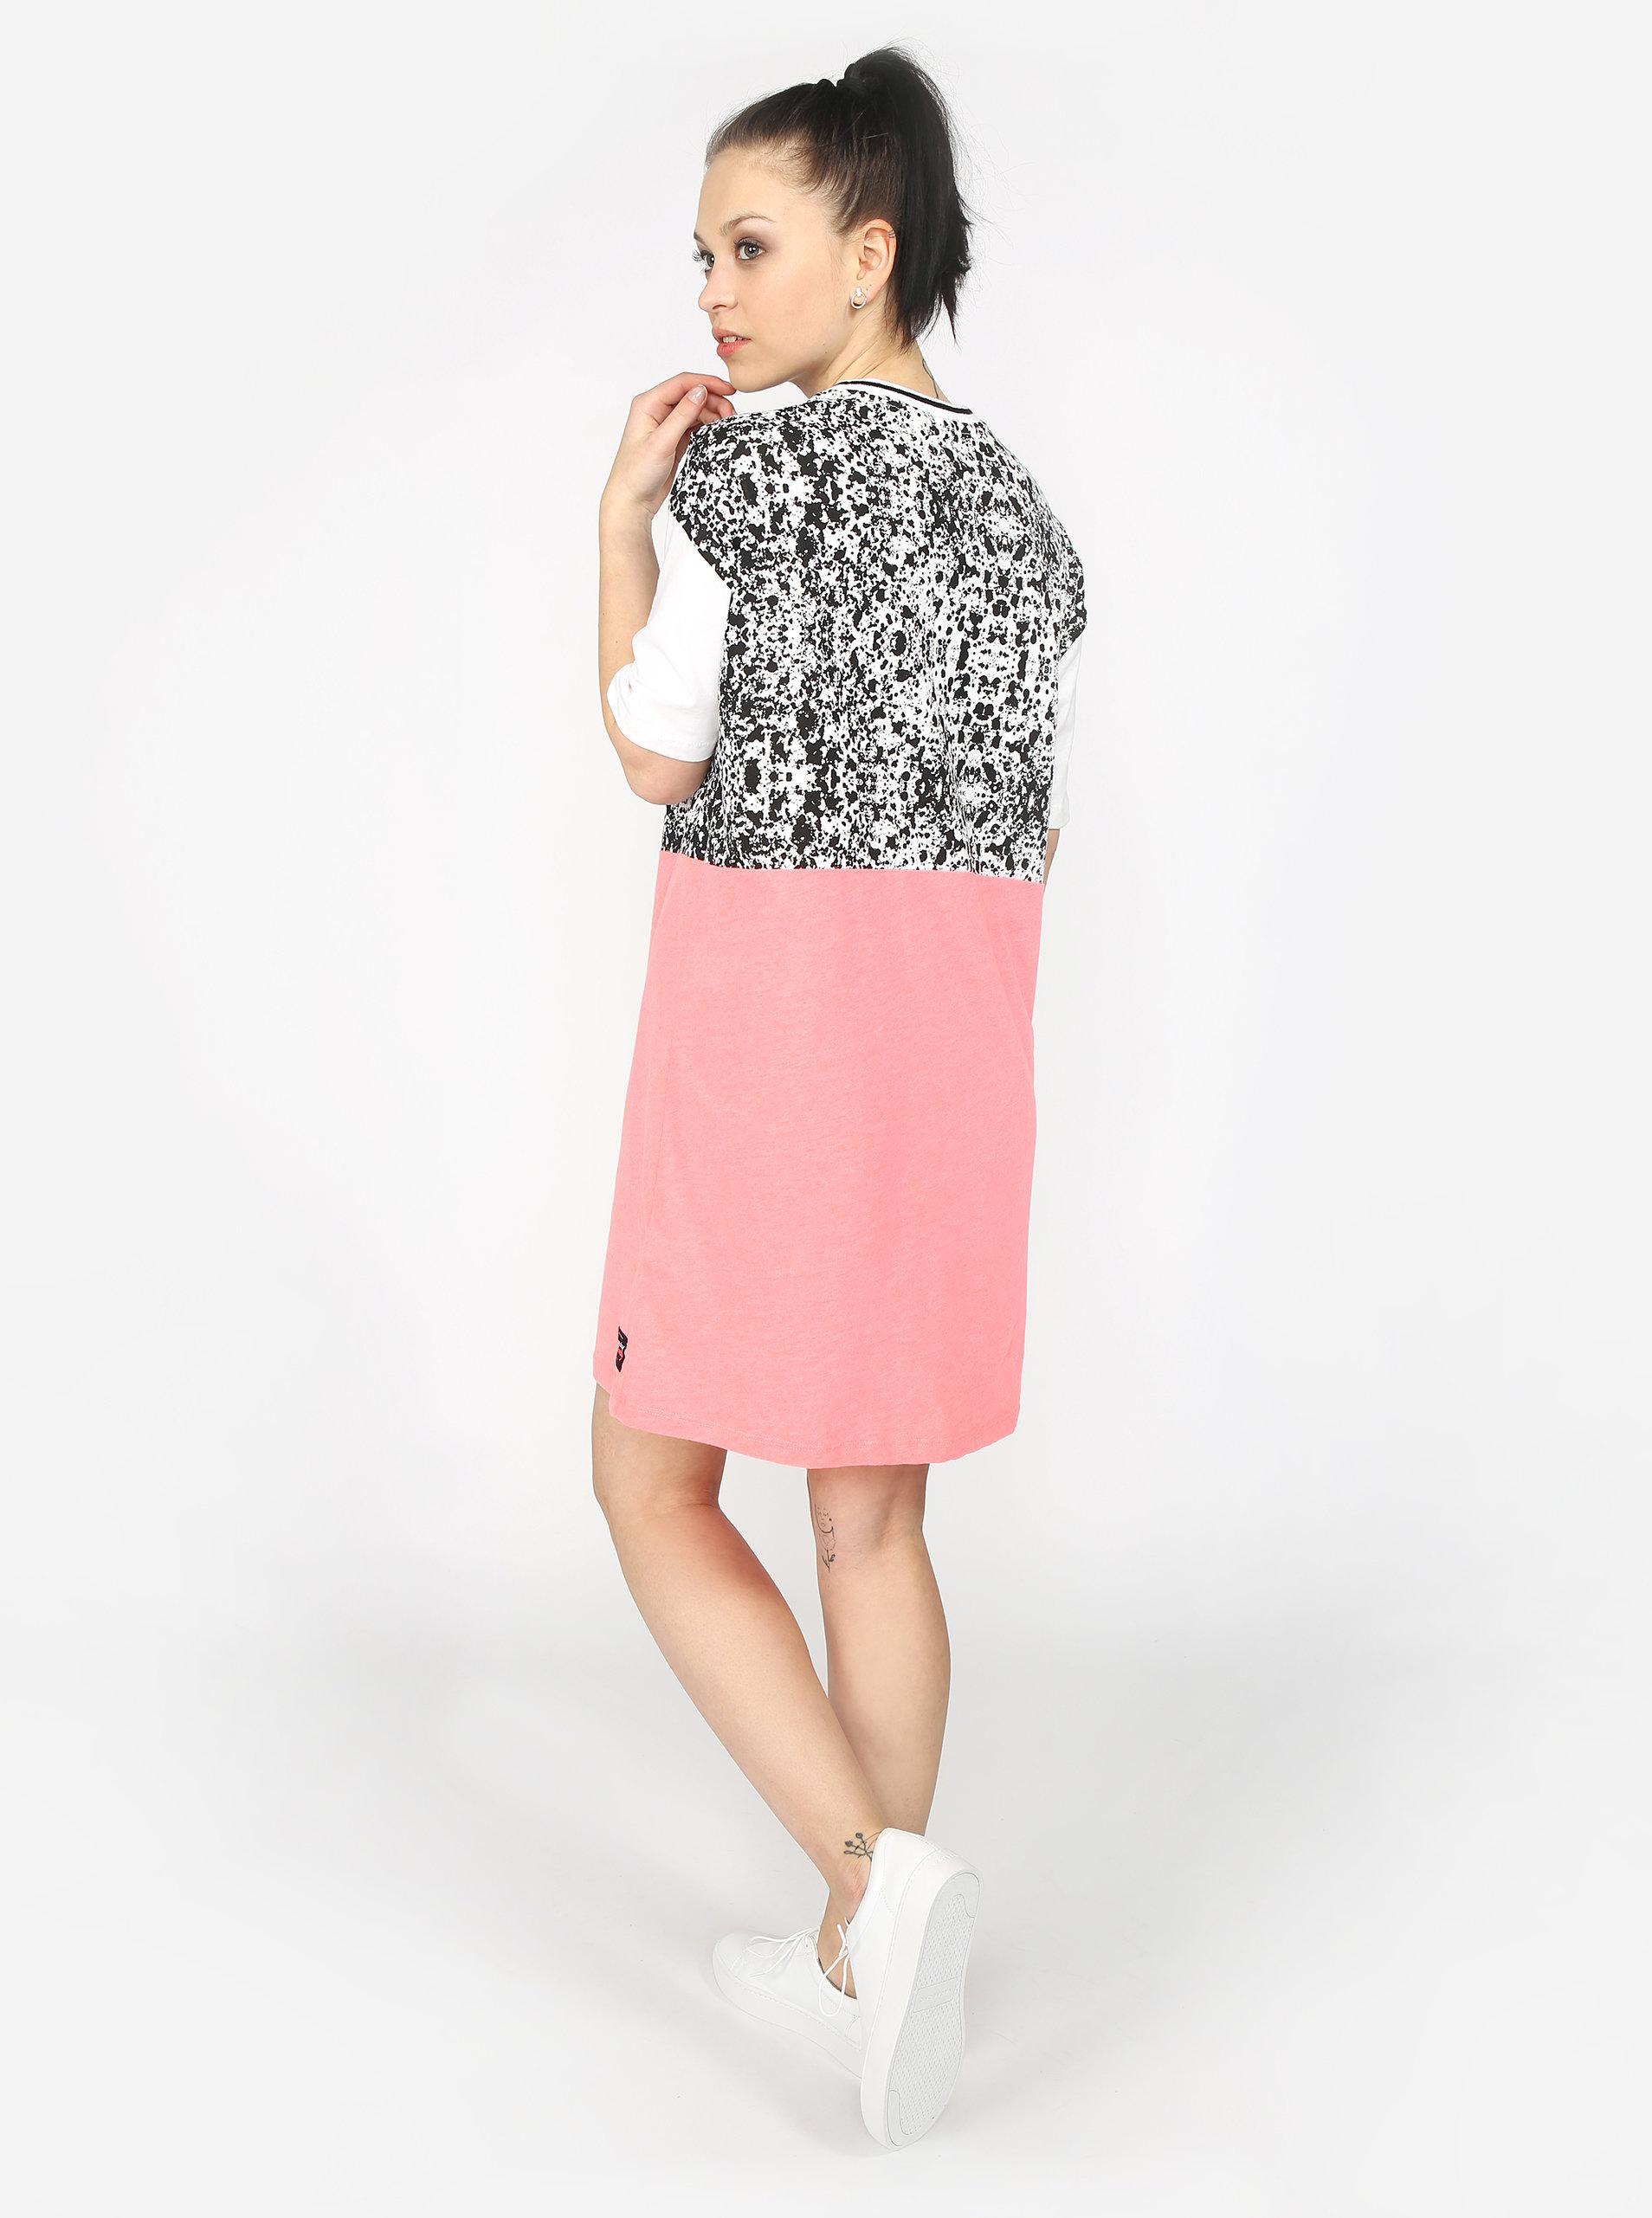 Bílo-růžové dámské šaty s potiskem Superdry ... 7a3f9035bf